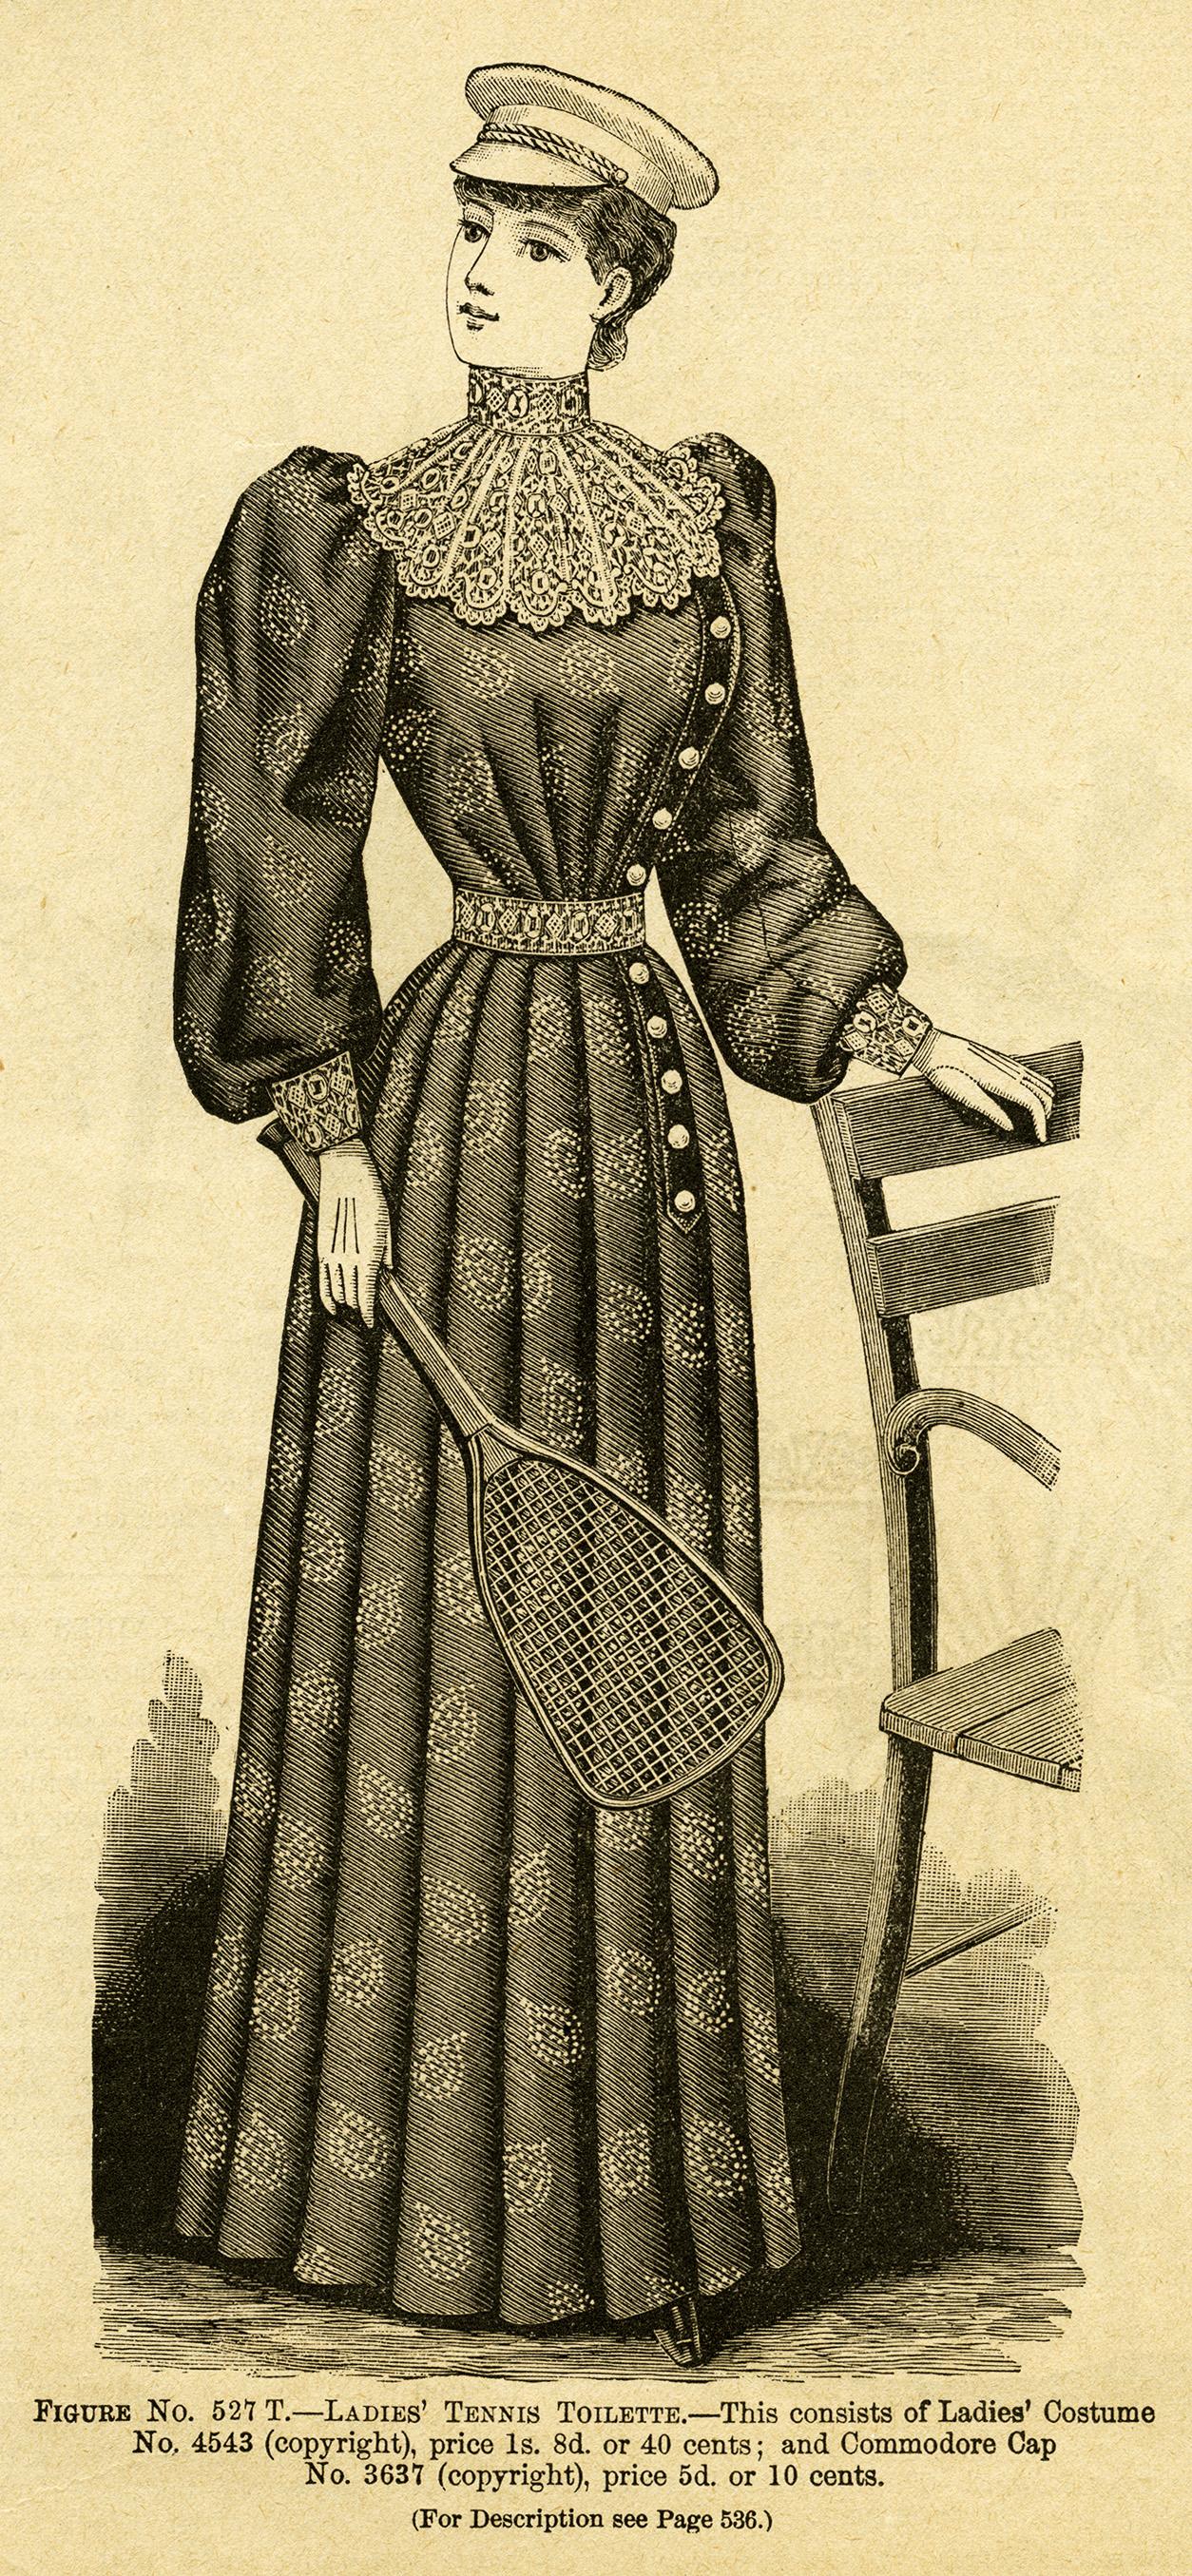 Vintage Ladies Tennis Outfit